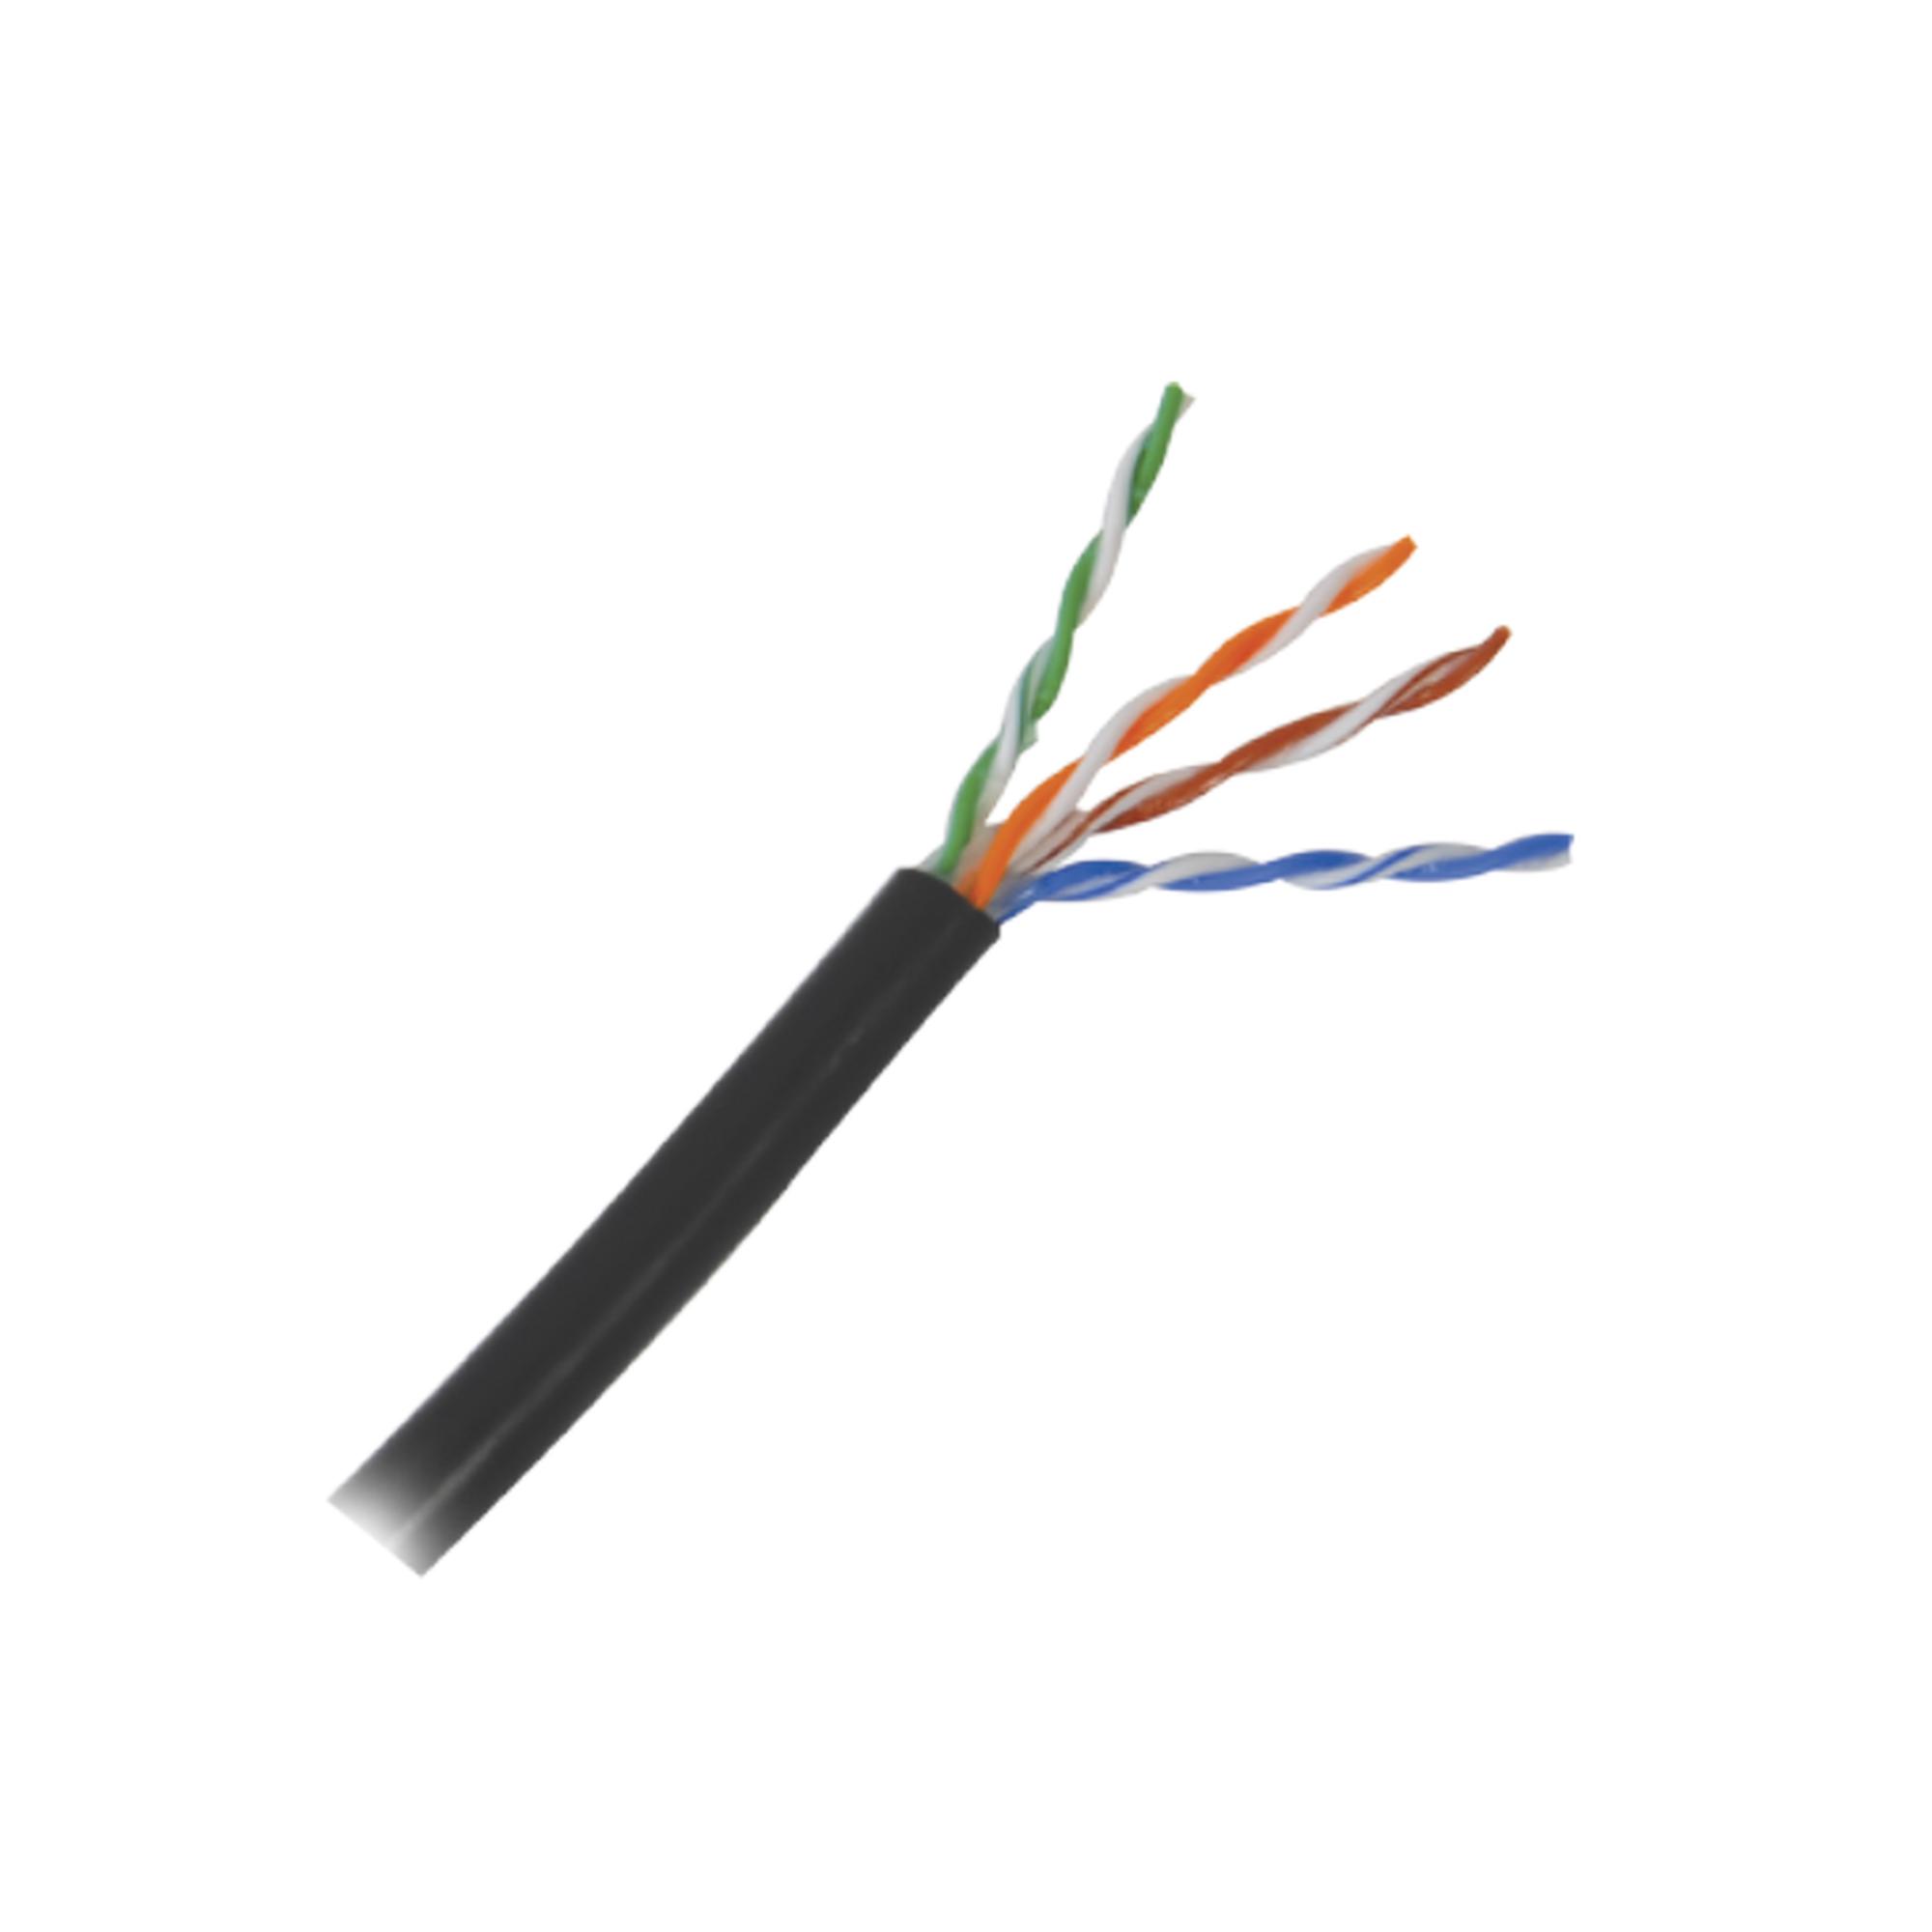 1 metro de cable Cat5e con gel para exterior, color Negro, para aplicaciones en sistemas de redes de datos y cableado estructurado.Uso intemperie.